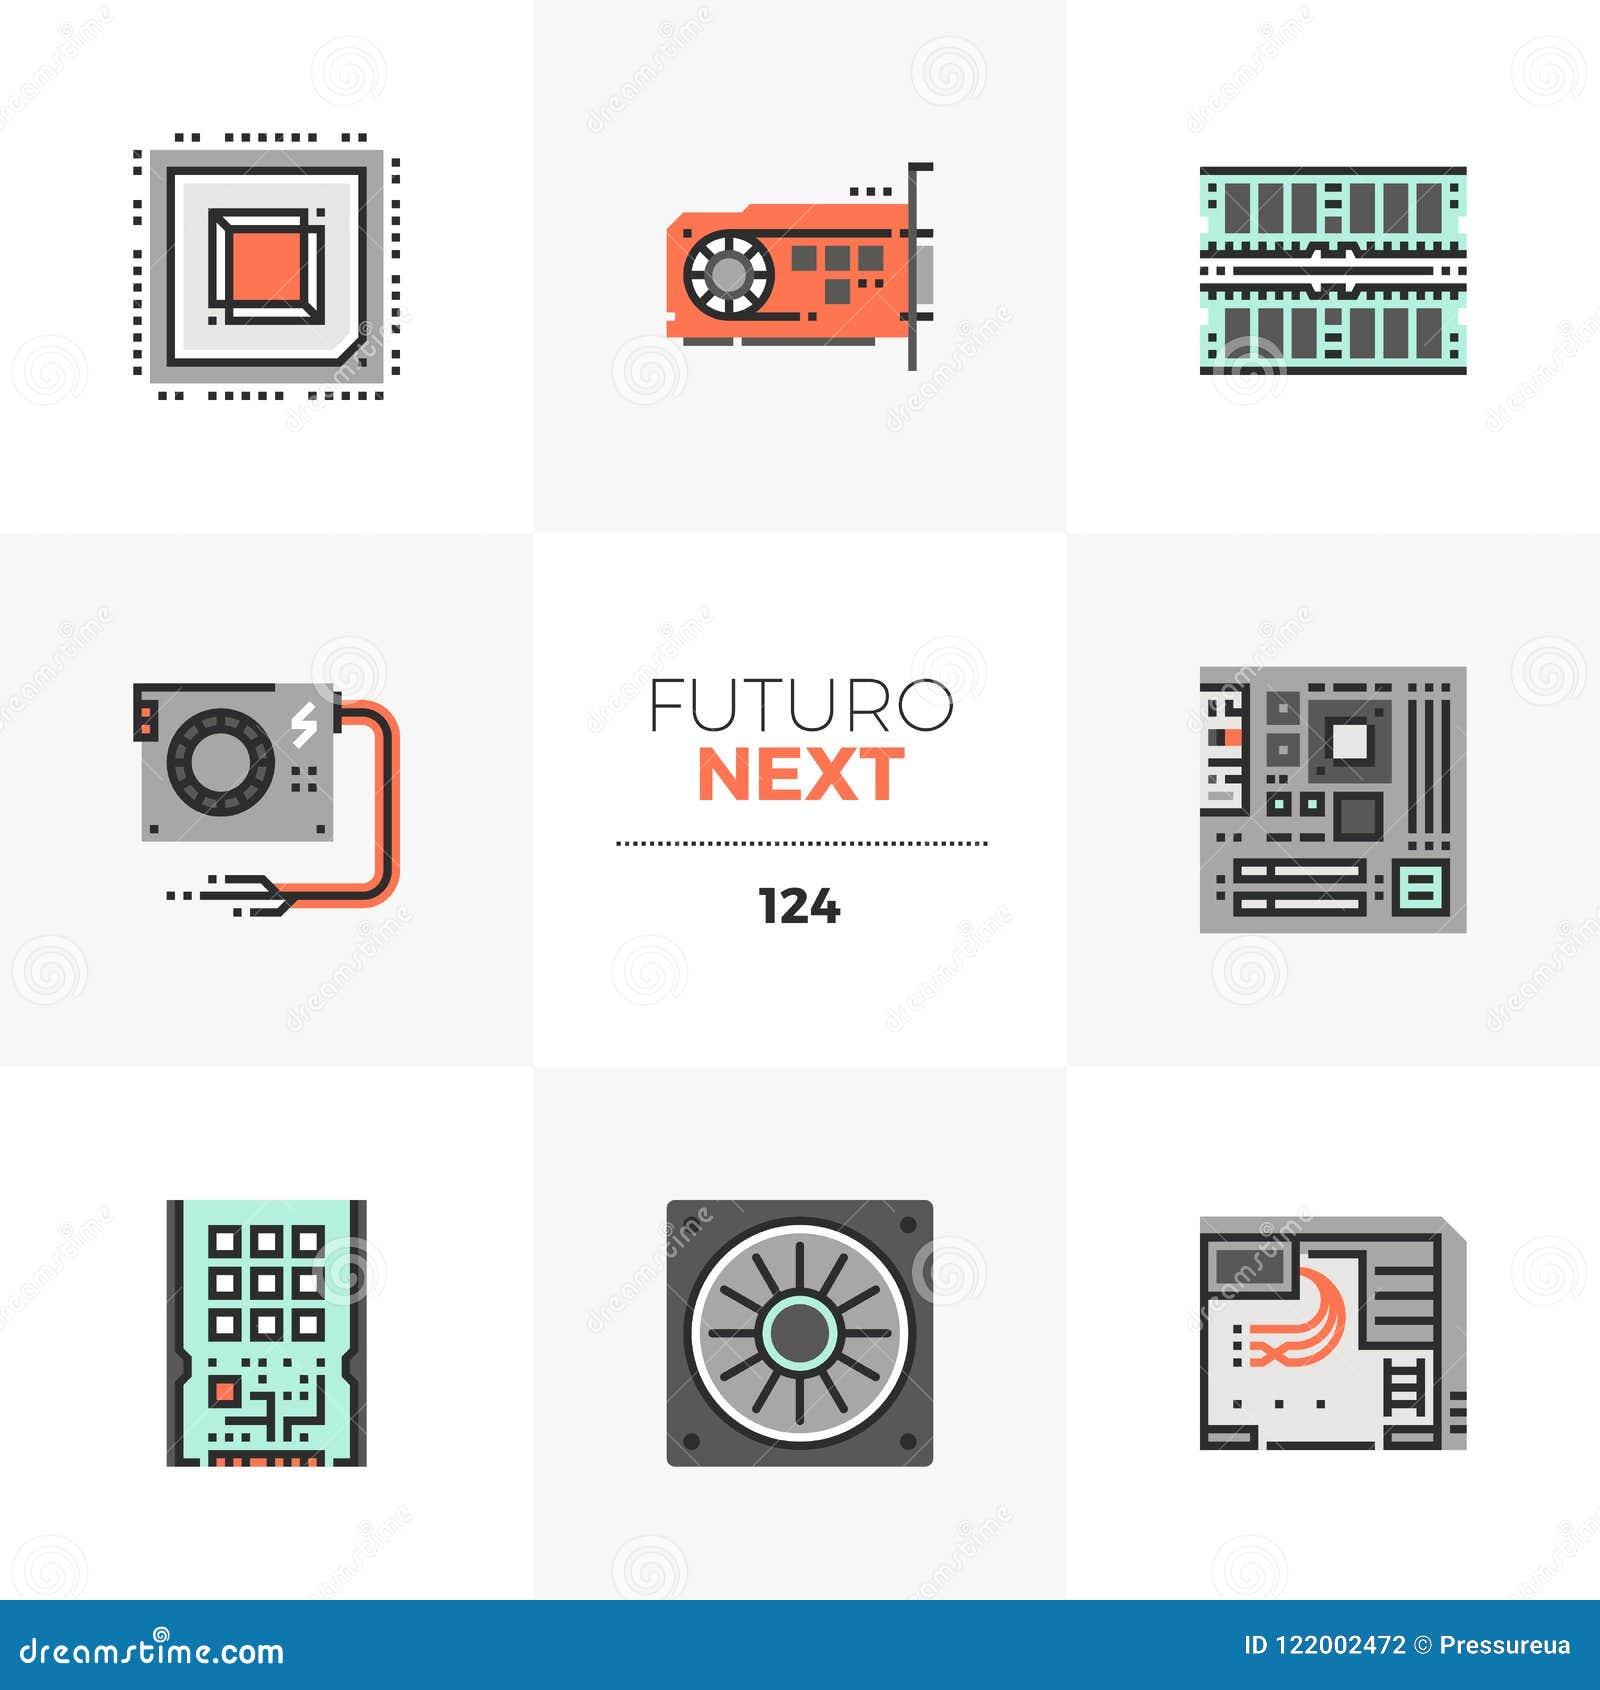 Computer Hardware Futuro Next Icons